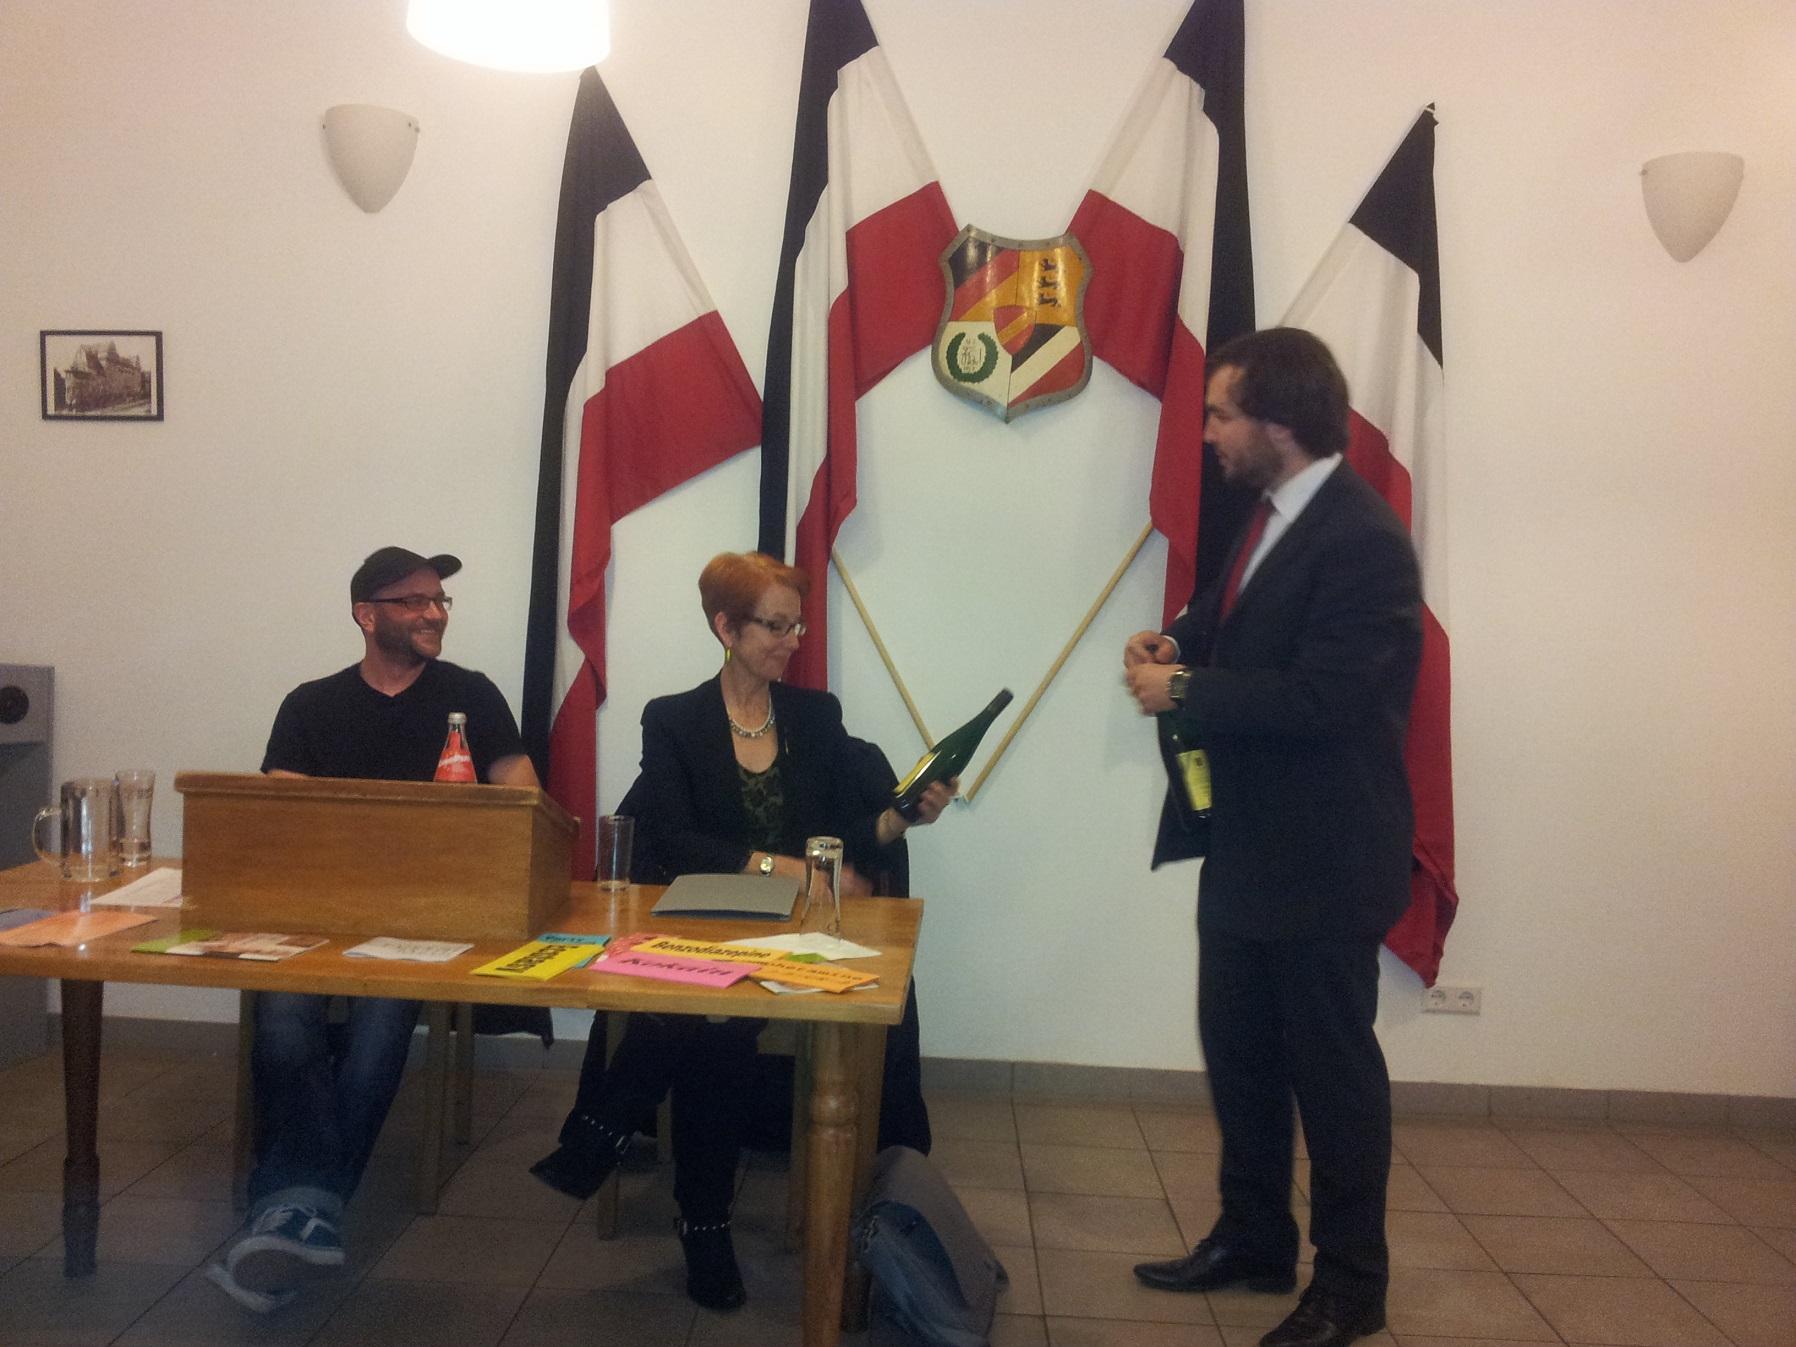 Das Get-In Karlsruhe – Ein Vortrag von Petra Krauth und Lutz Reeb